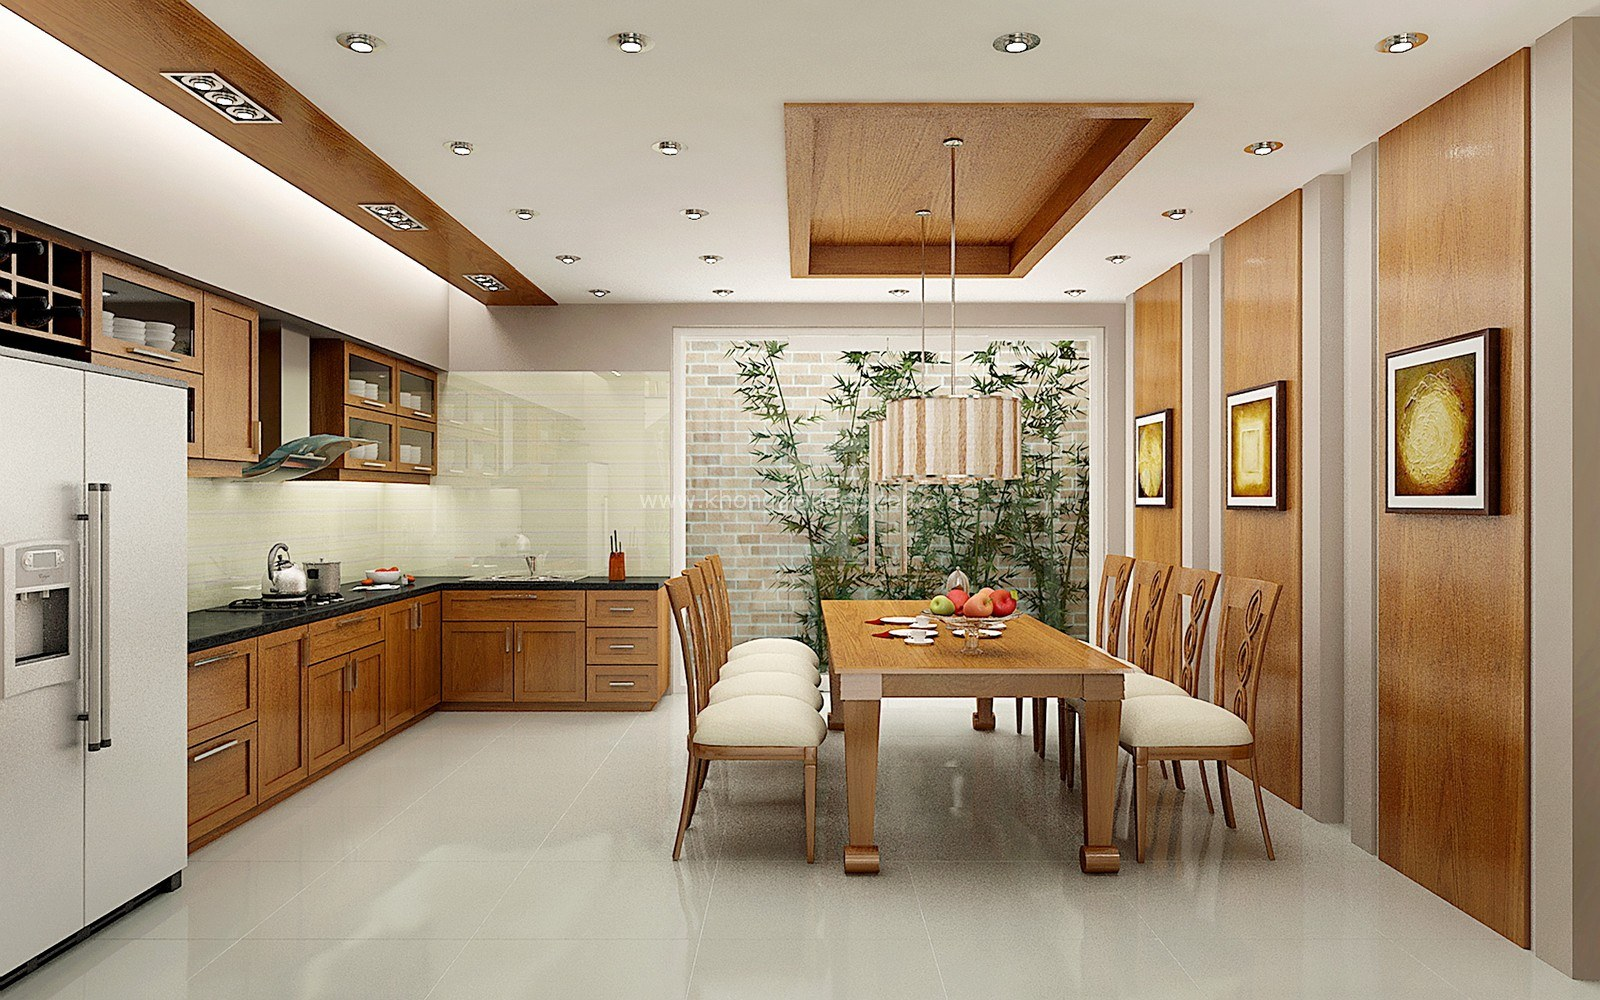 Những ý tưởng thiết kế đơn giản giúp bạn sở hữu căn bếp ấn tượng